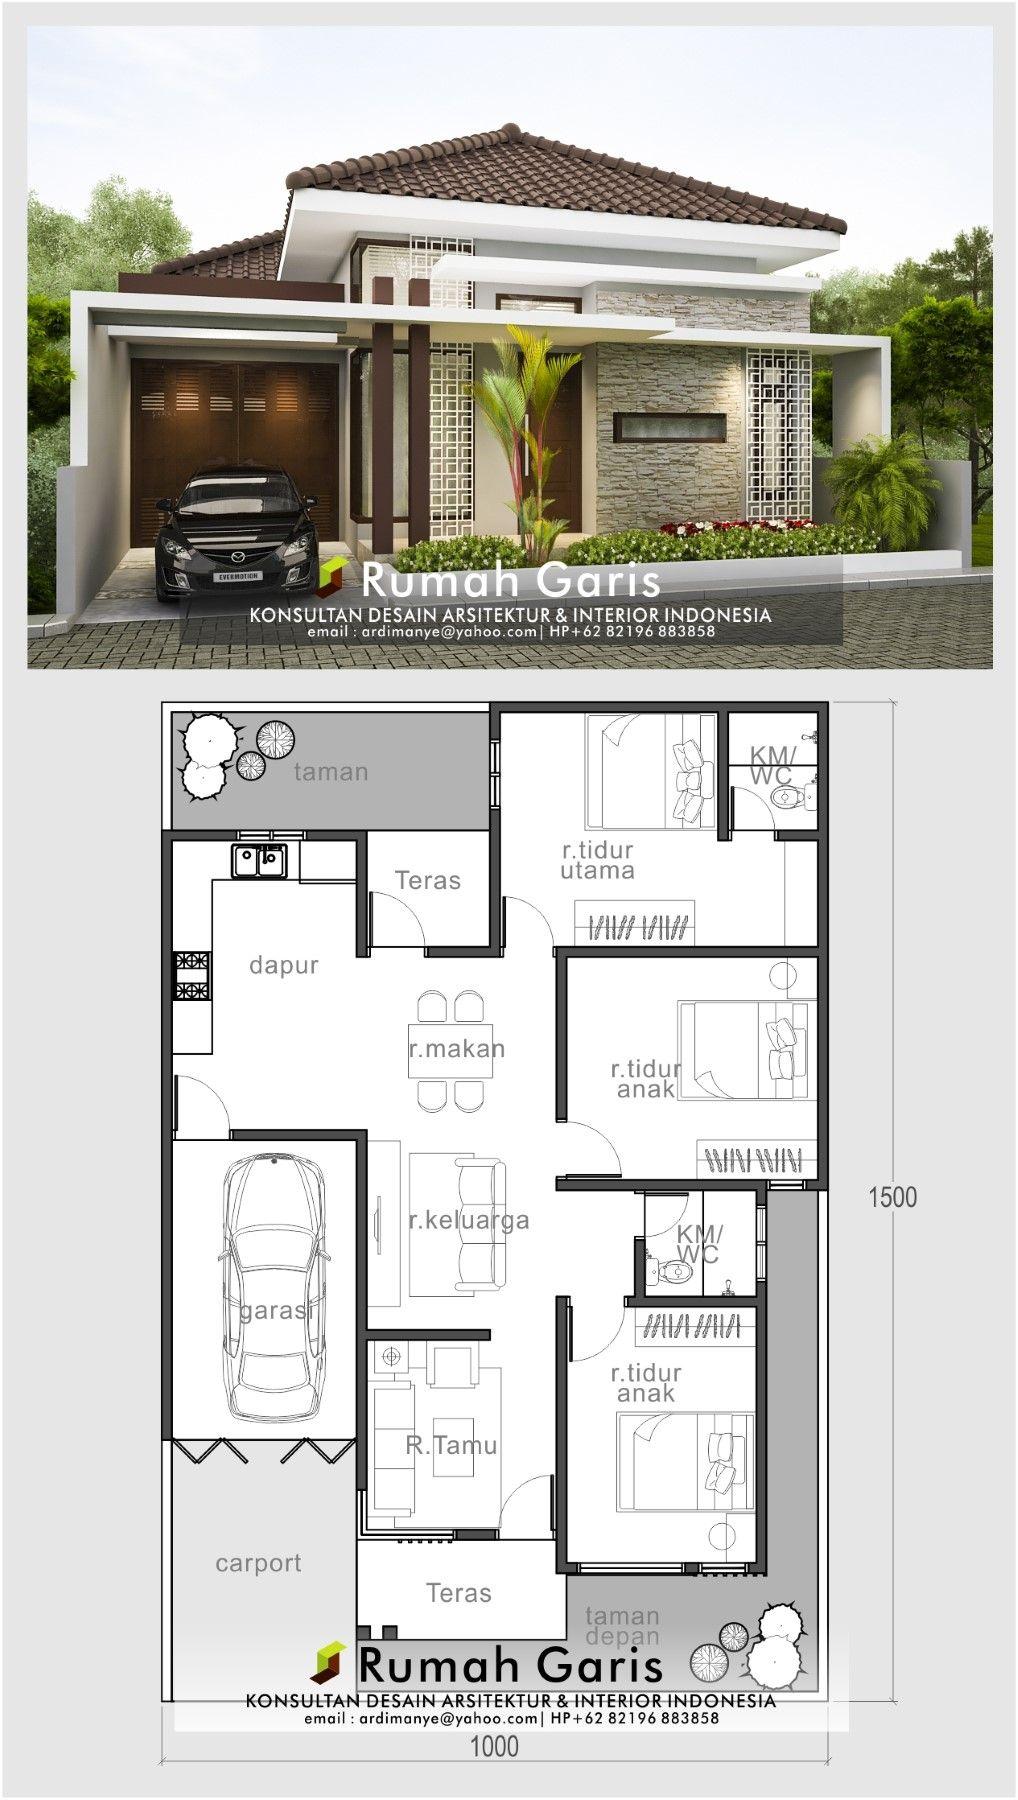 Desain Rumah 10x15 : desain, rumah, 10x15